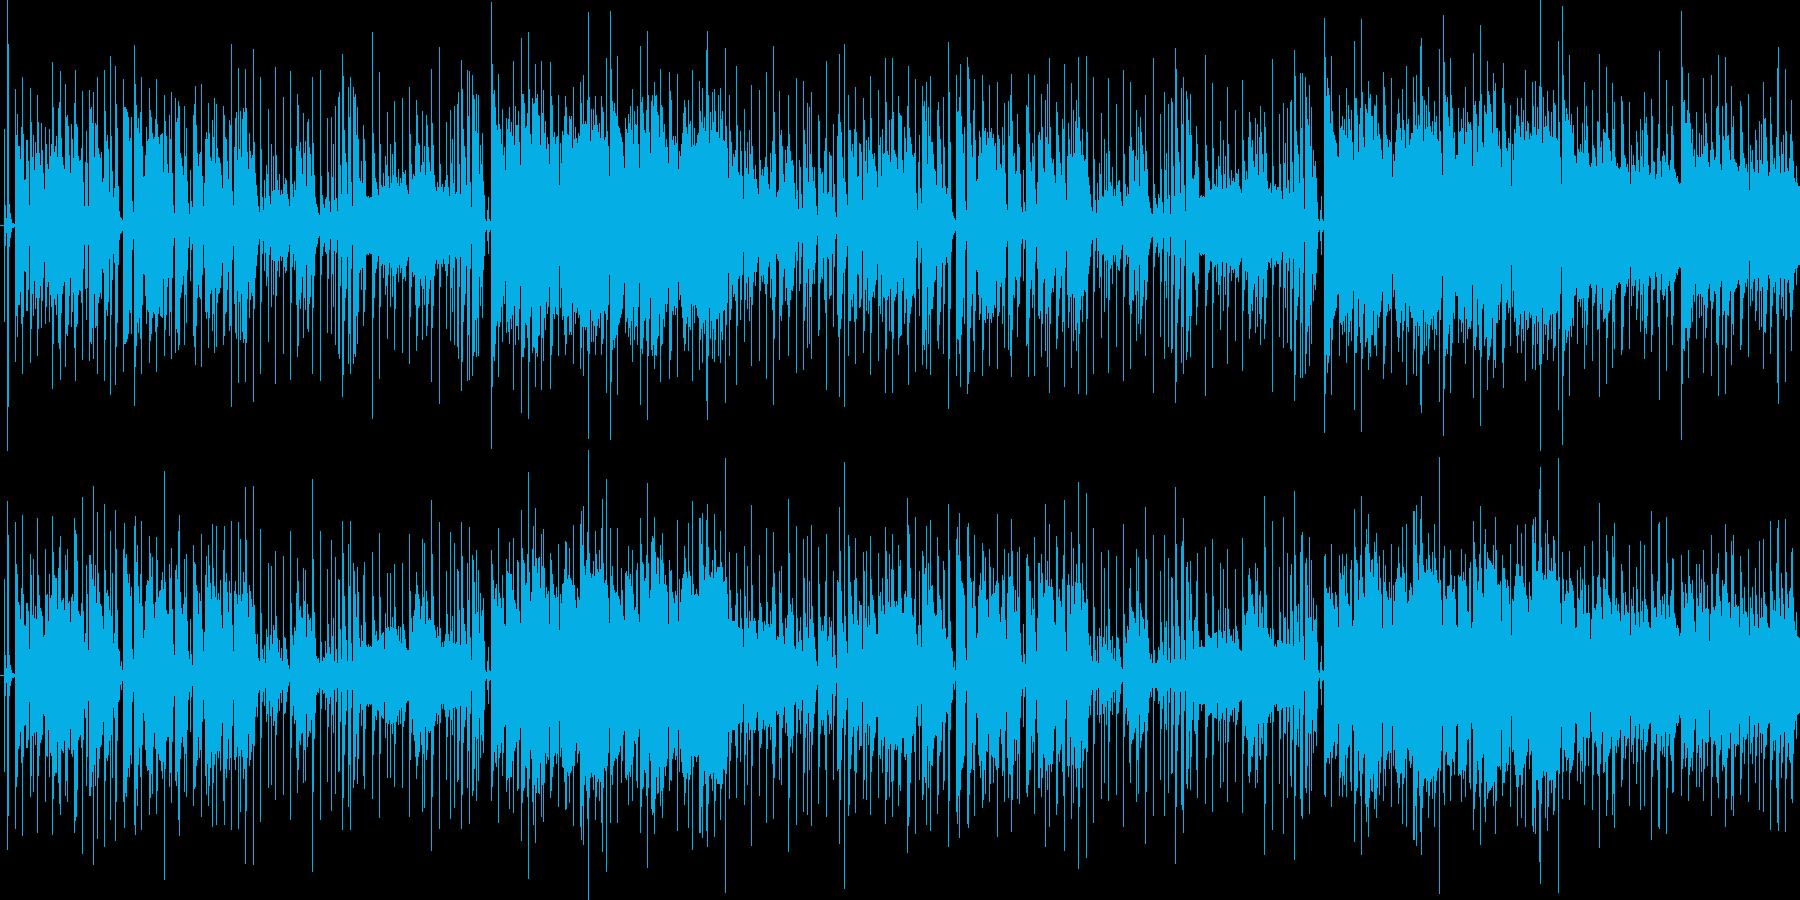 ジャズっぽいけどさわやかな曲の再生済みの波形